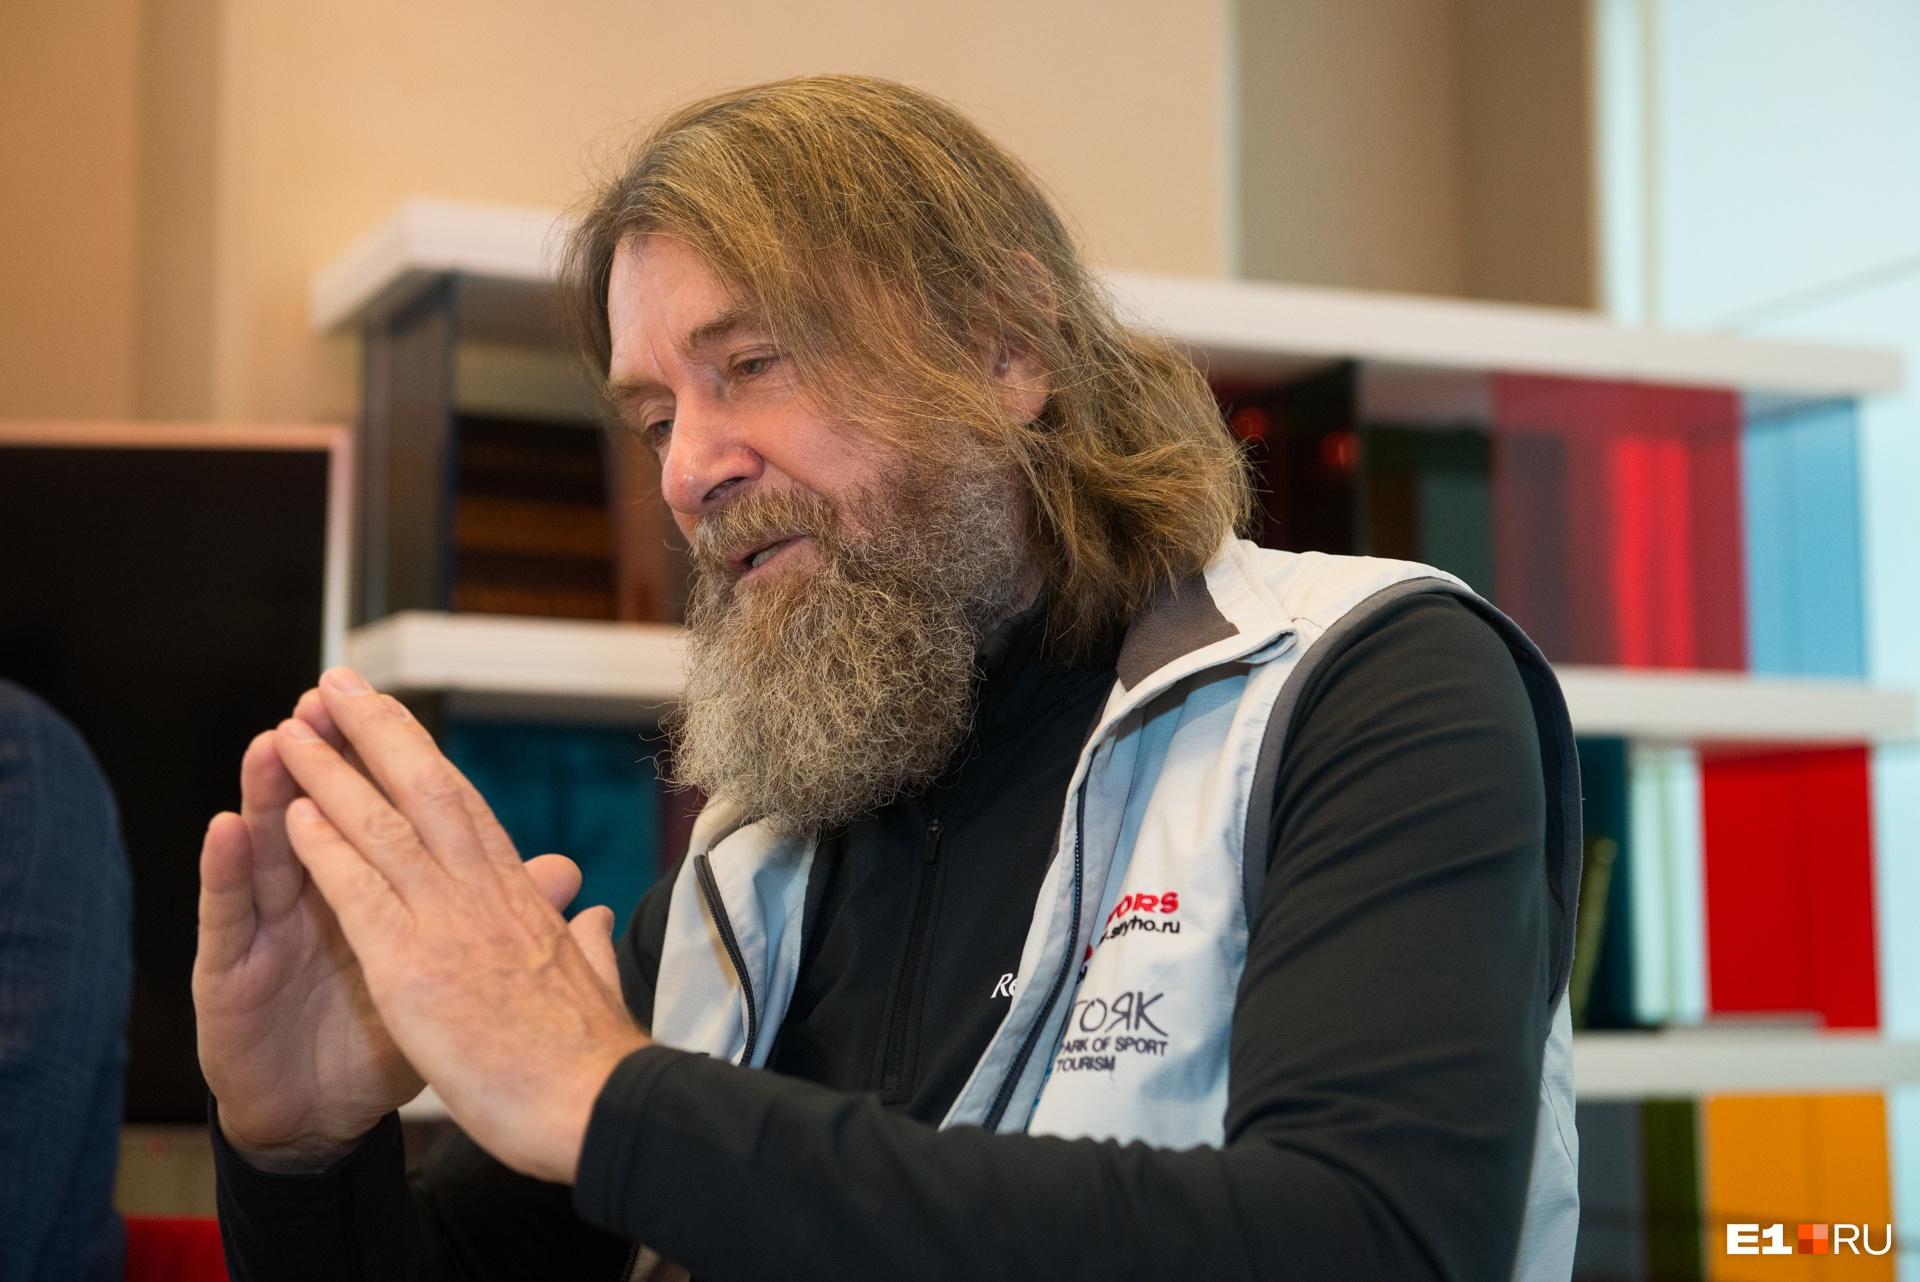 Федор Конюхов — и путешественник, и художник, и писатель. На «Красной площади» представит книгу о Крымской войне